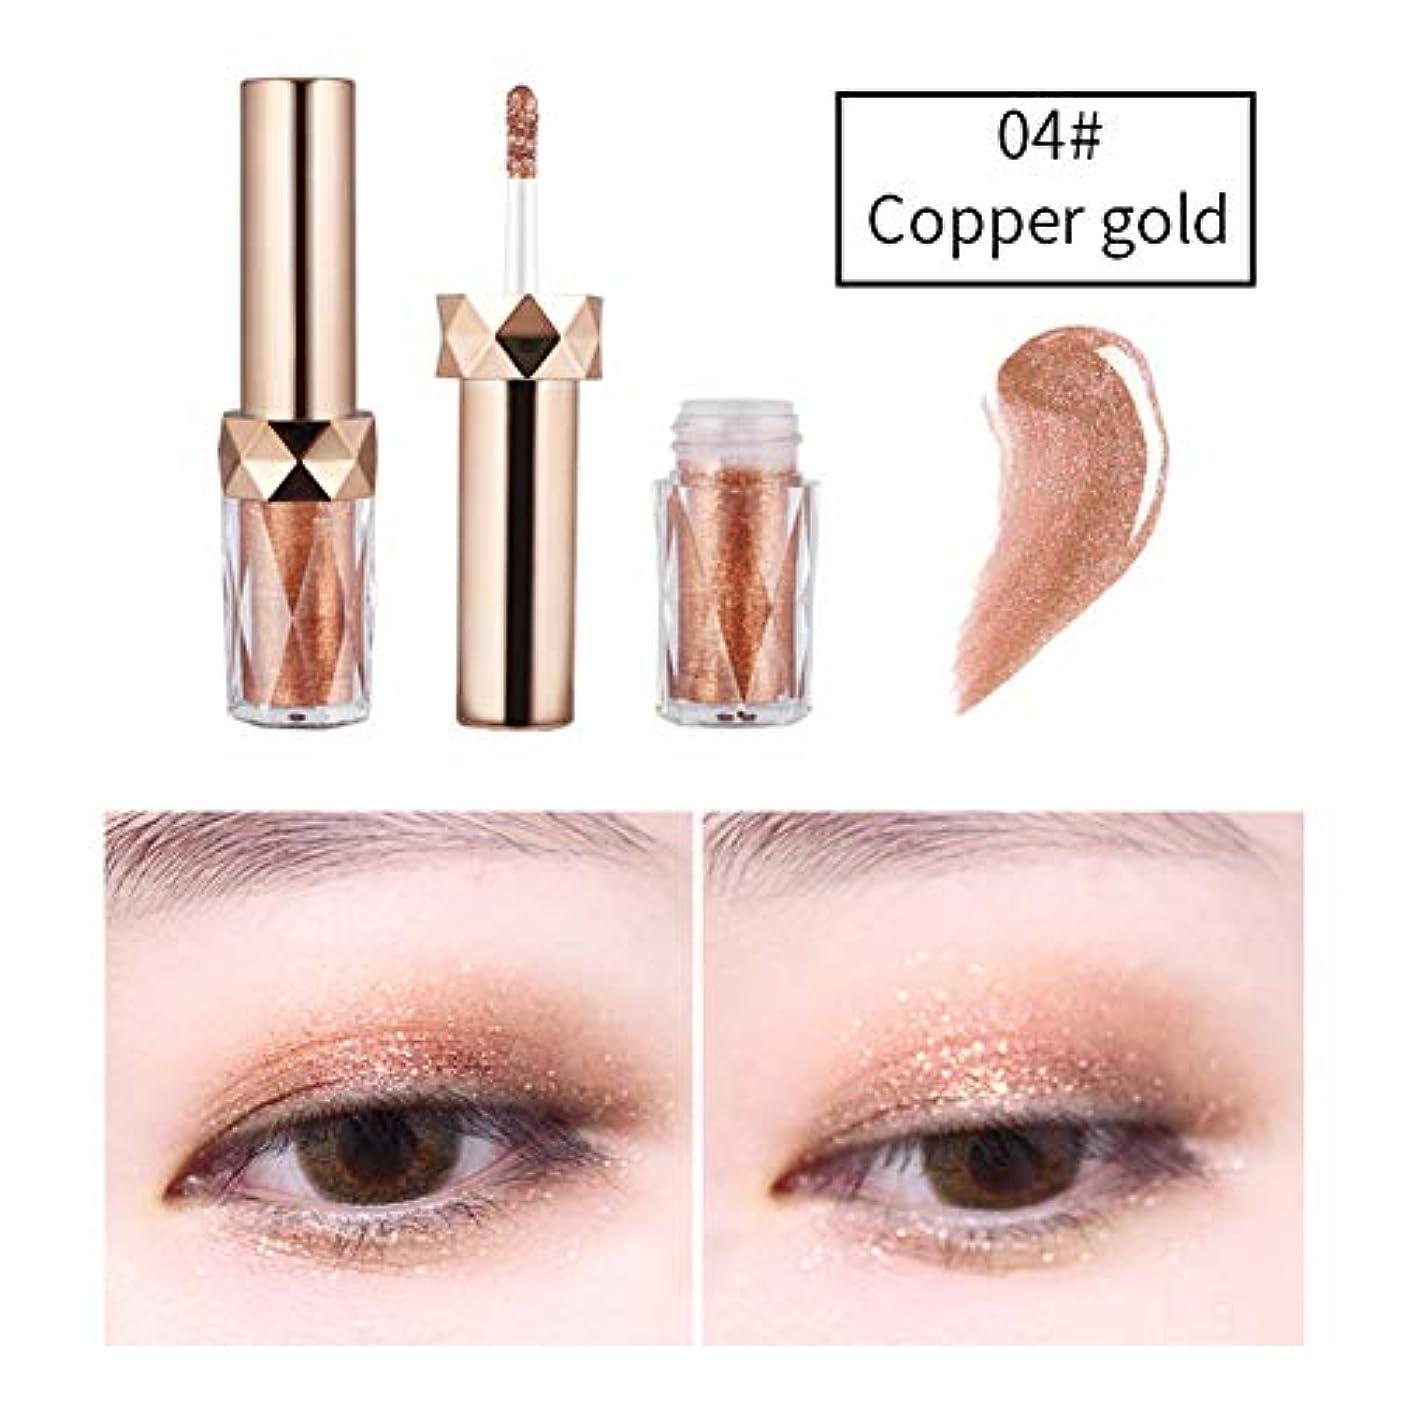 大惨事びっくりした。Cutelove リキッドアイシャドウ ダイヤモンドのような煌めき 日常でも使える ロングラスティング Copper Gold